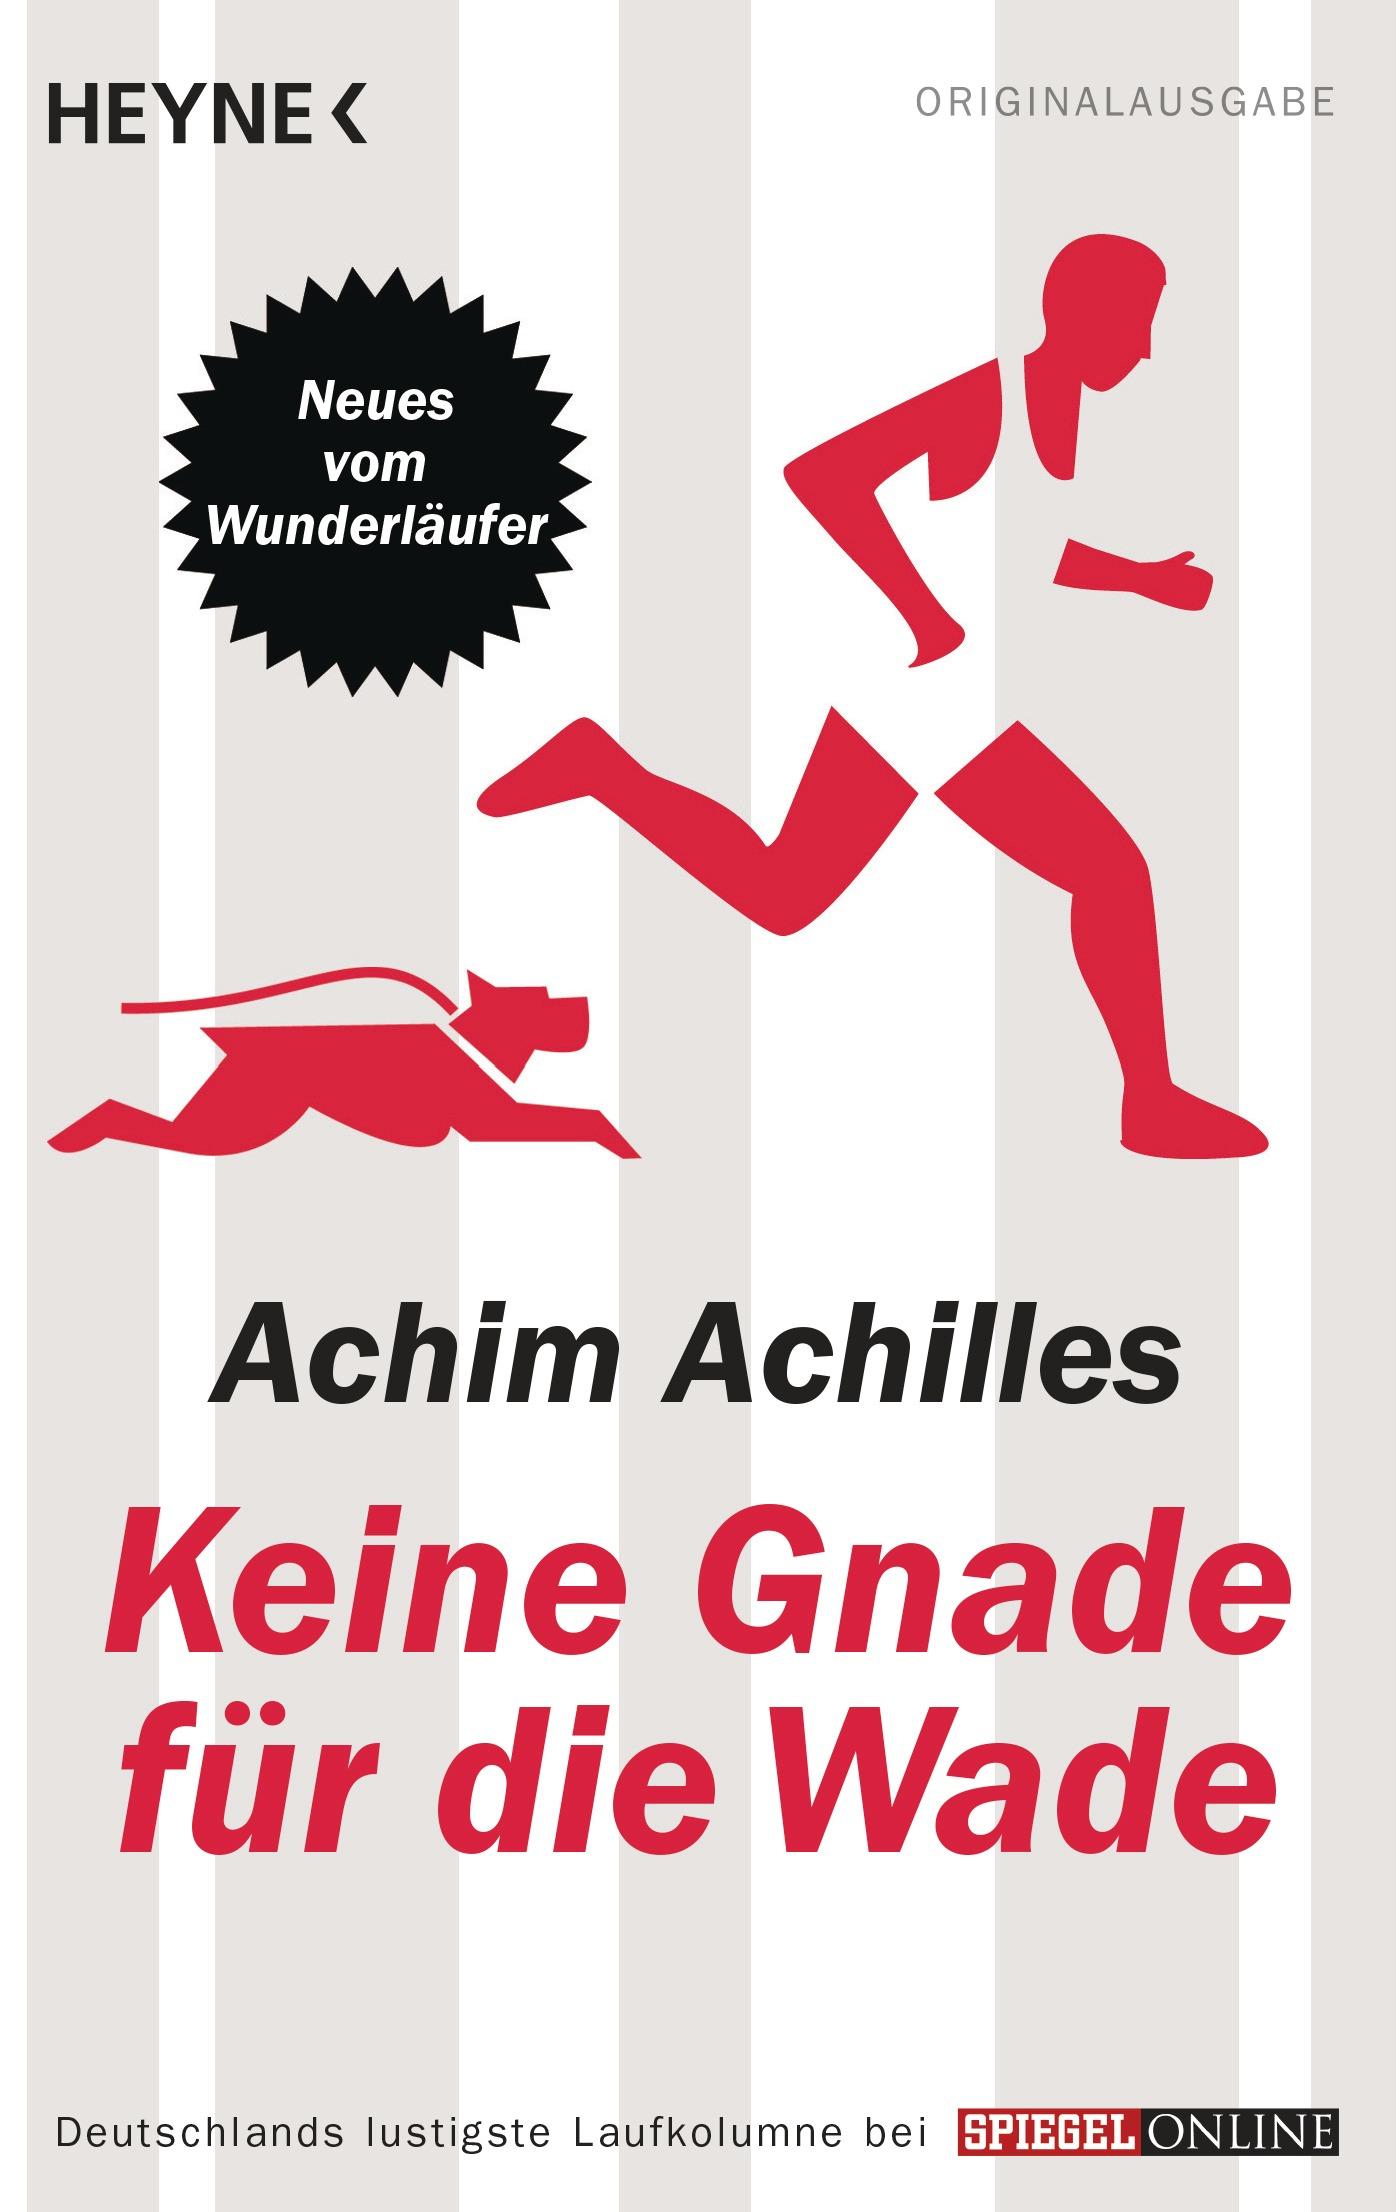 Keine Gnade für die Wade: Neues vom Wunderläufer - Achim Achilles